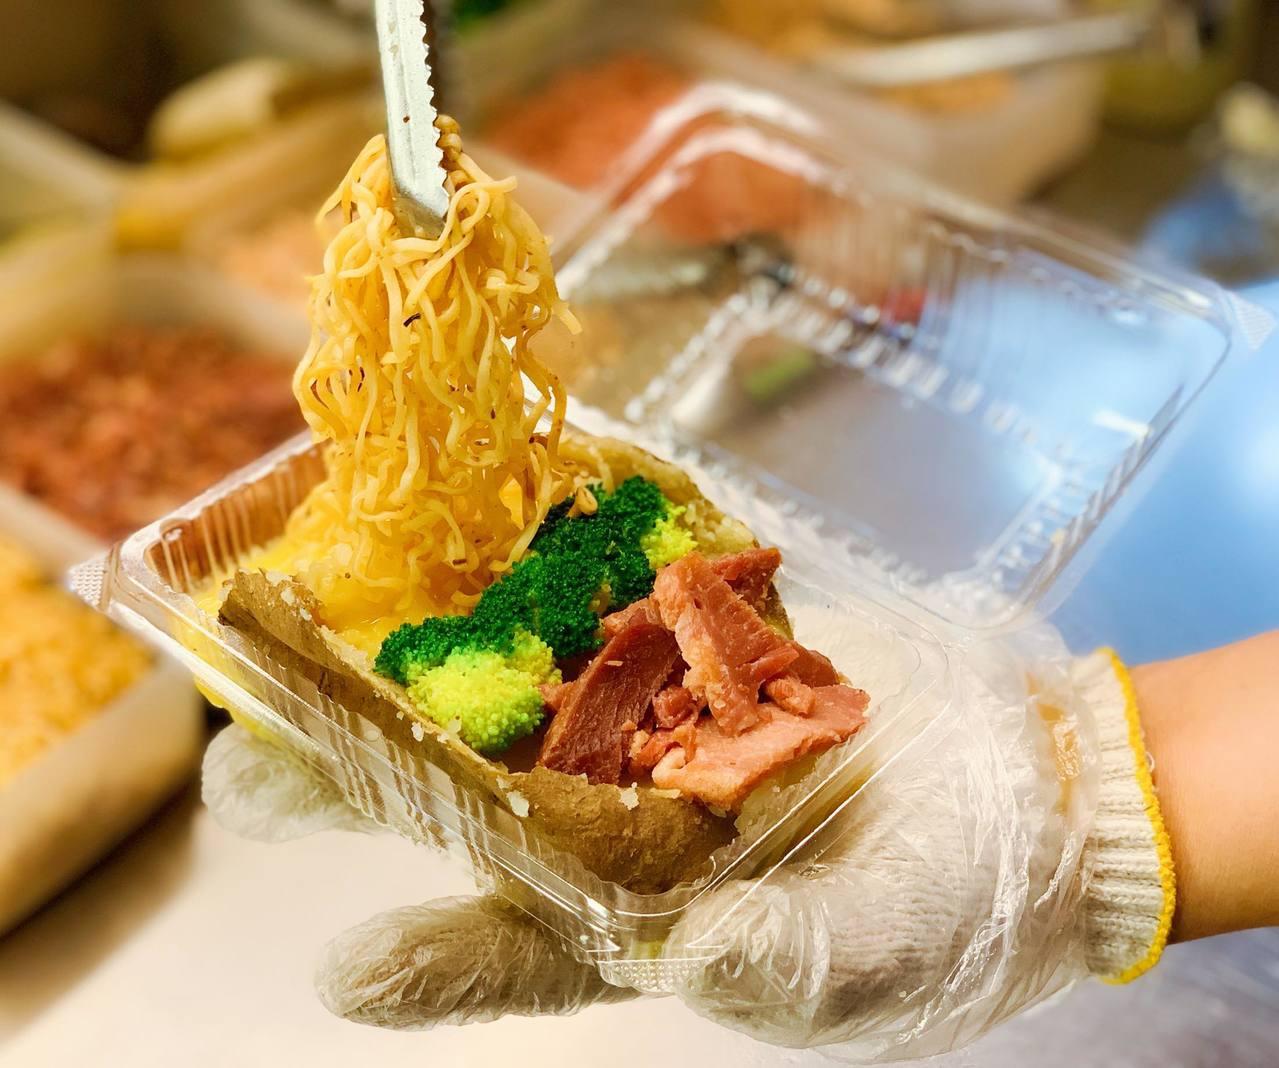 一家之薯「叉燒佐肉燥麵起司」加入豐富佐料調味,讓人大呼過癮。記者徐力剛/攝影